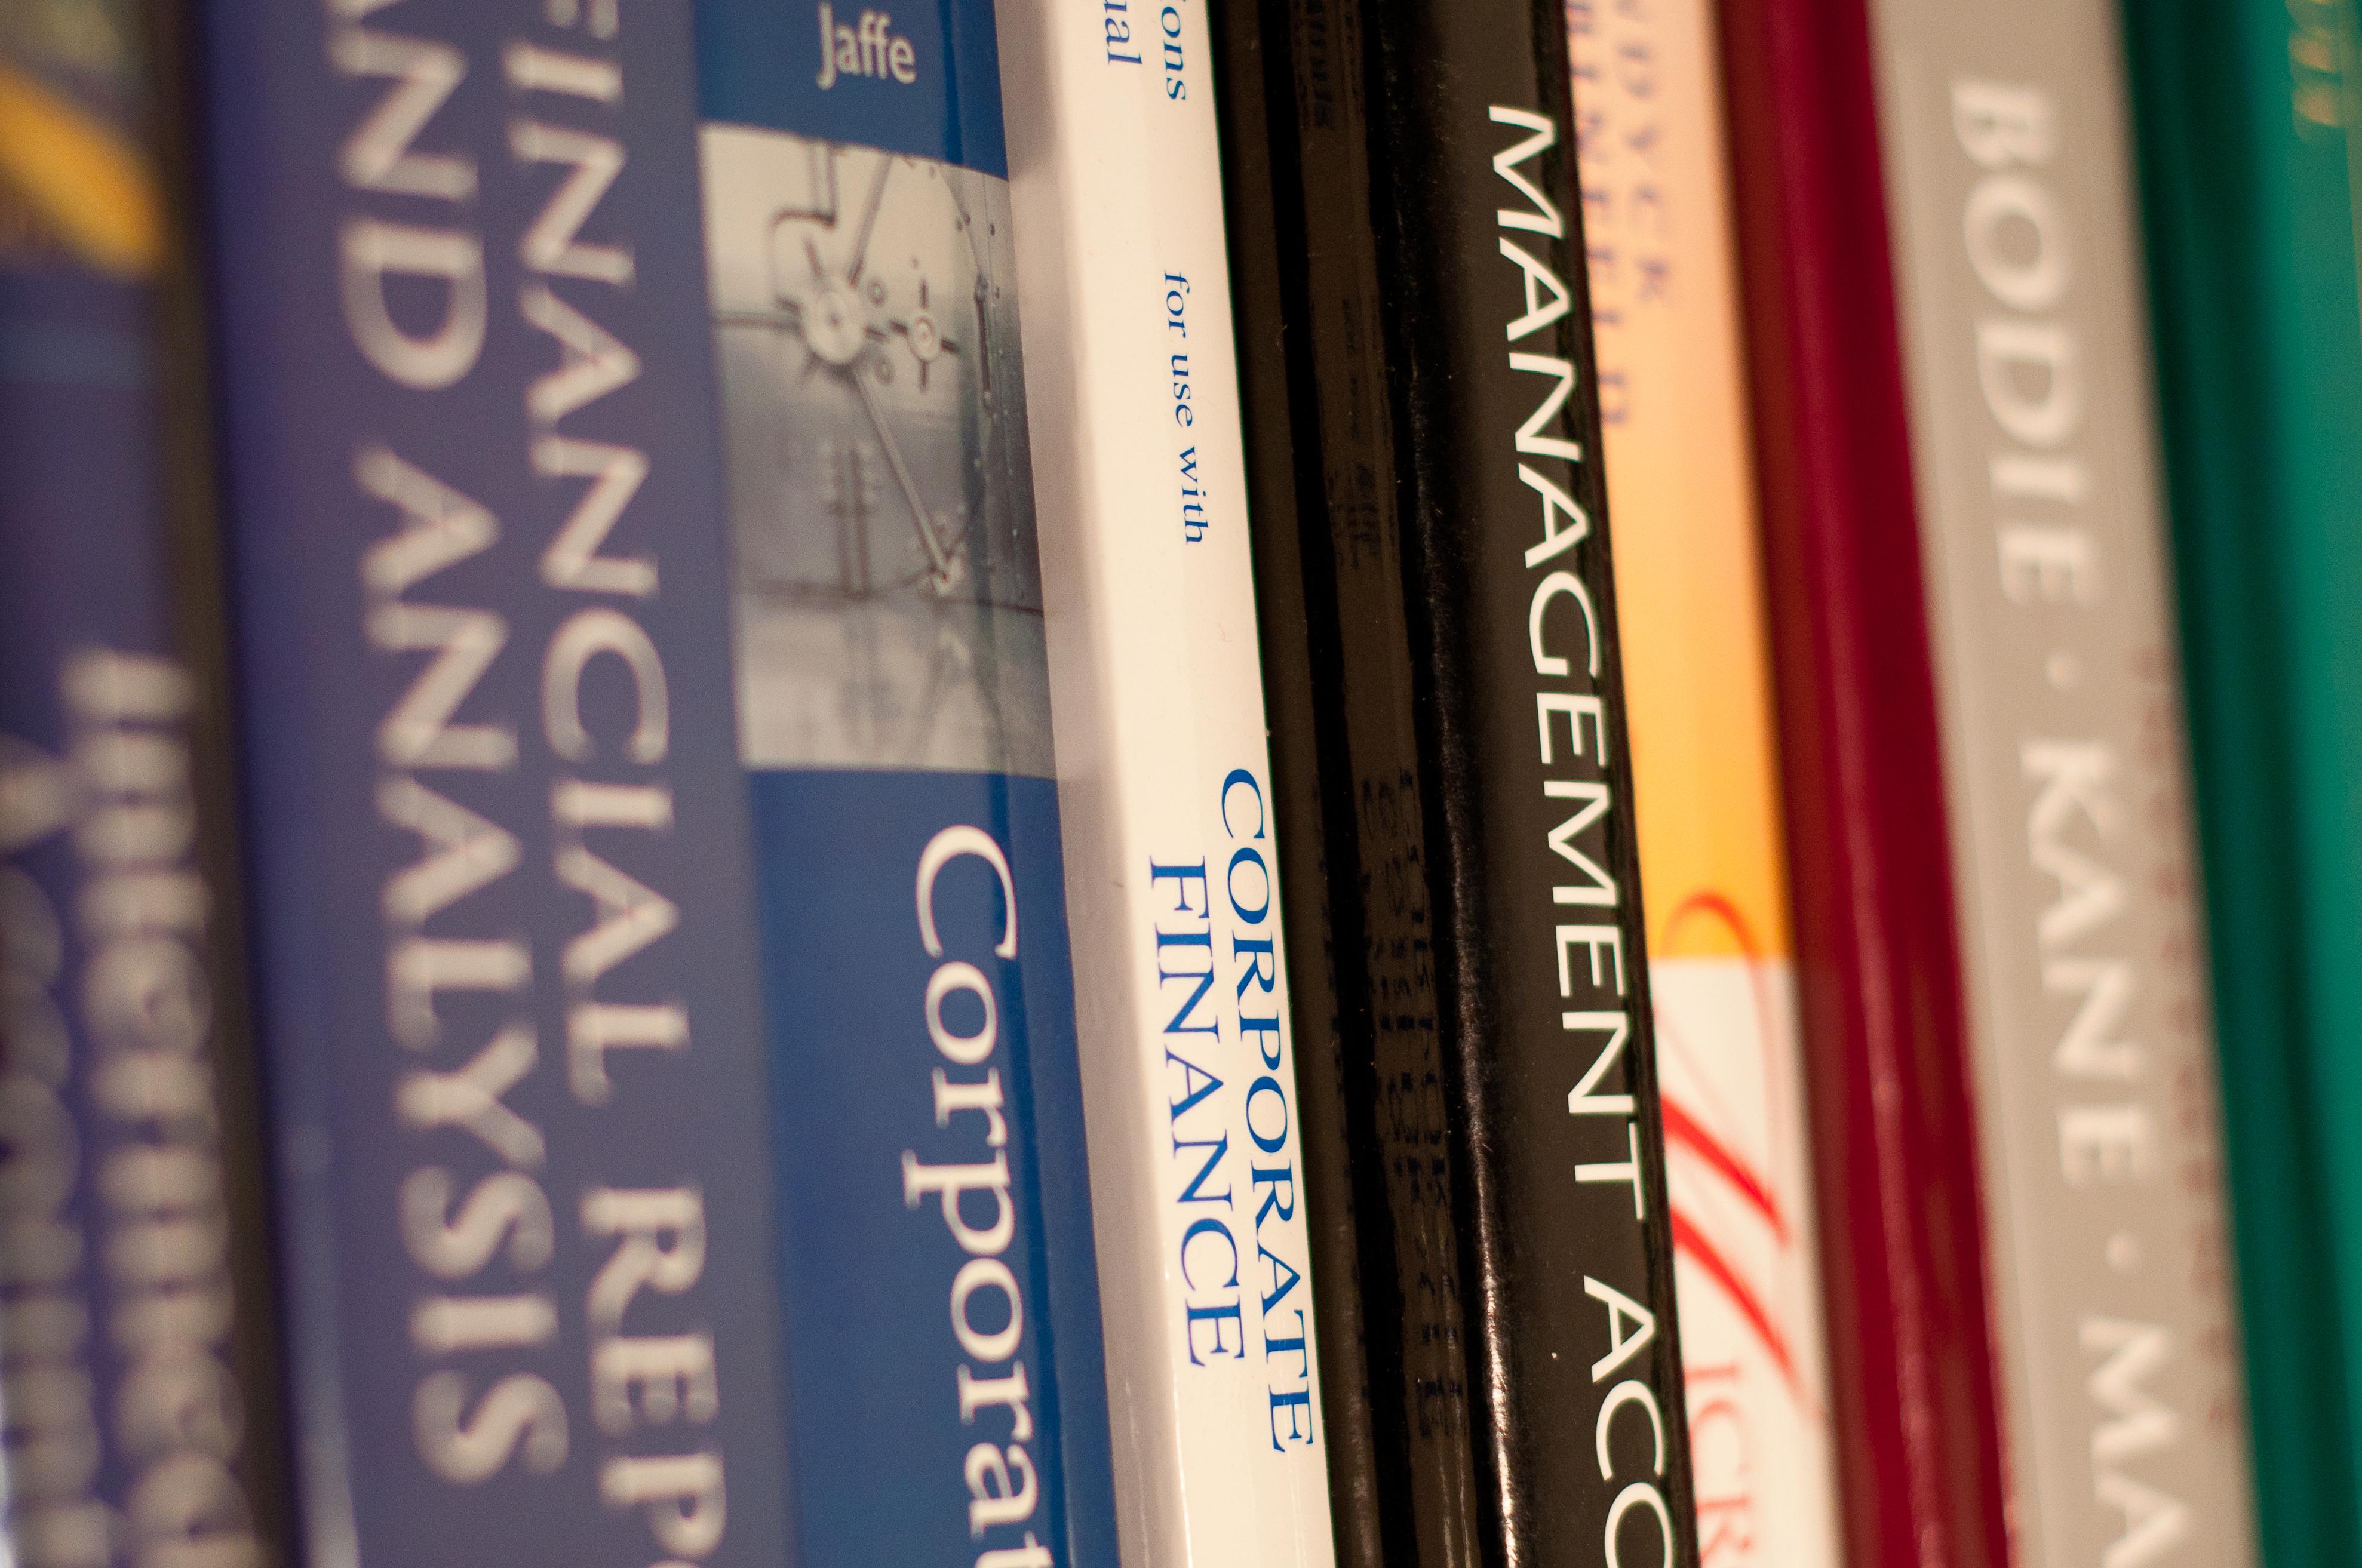 Рейтинг лучших книг по финансовой грамотности в 2021 году